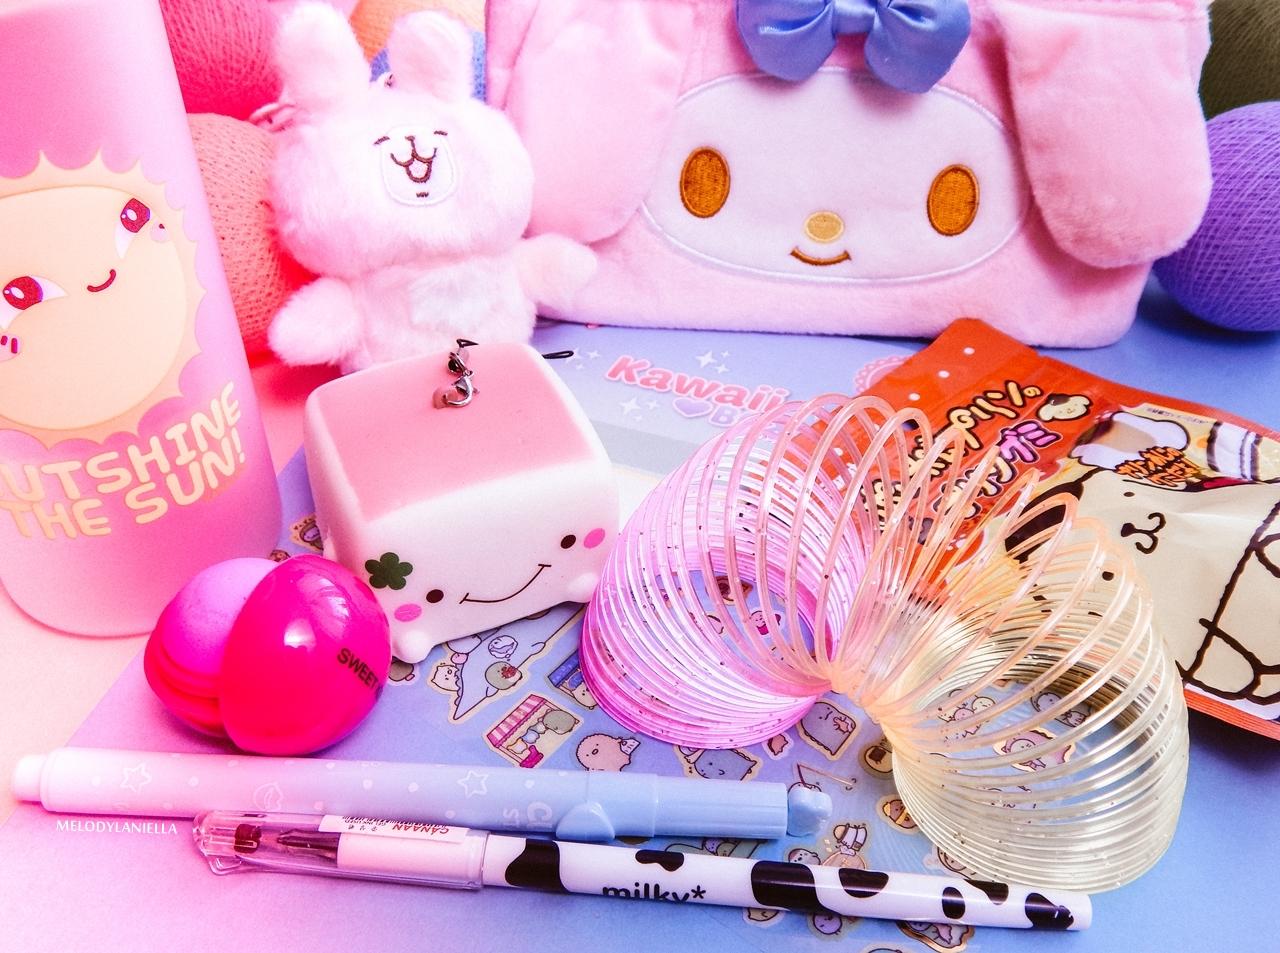 1 kawaii box august sierpień rewiev recenzja giveaway konkurs rozdanie gadżety z japonii kolorowe dodatki słodycze z japonii fajne długopisy, butelka na wodę my melody melodylaniella pudding tofu brelok